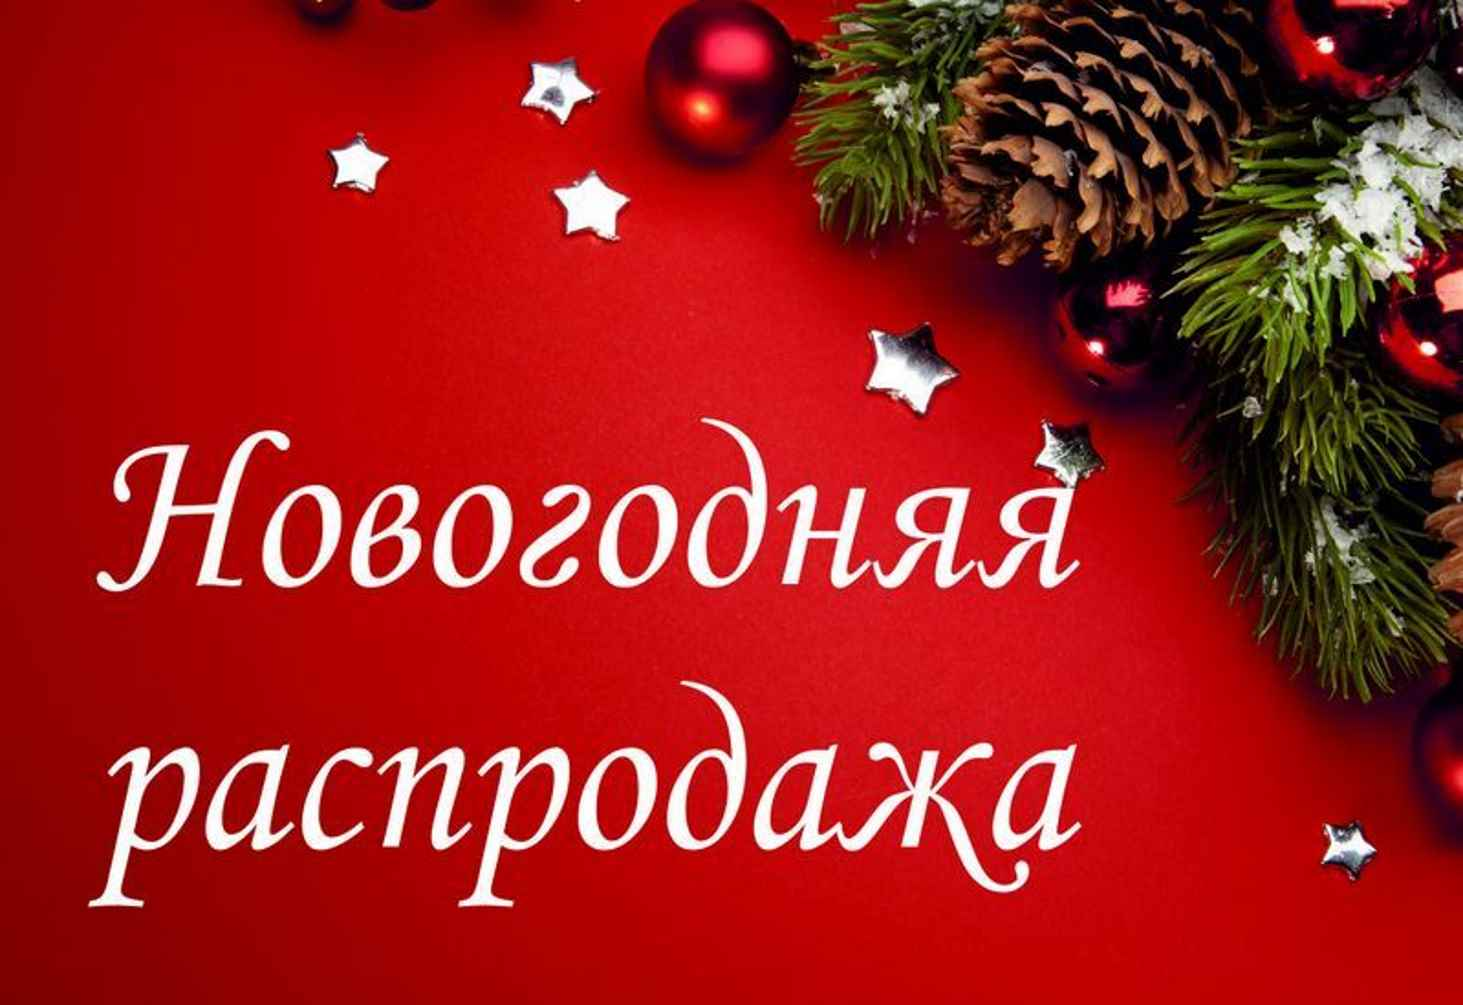 v-moem-universitete-skidka-40-na-kursy-perepodgotovki-dlya-uchitelej